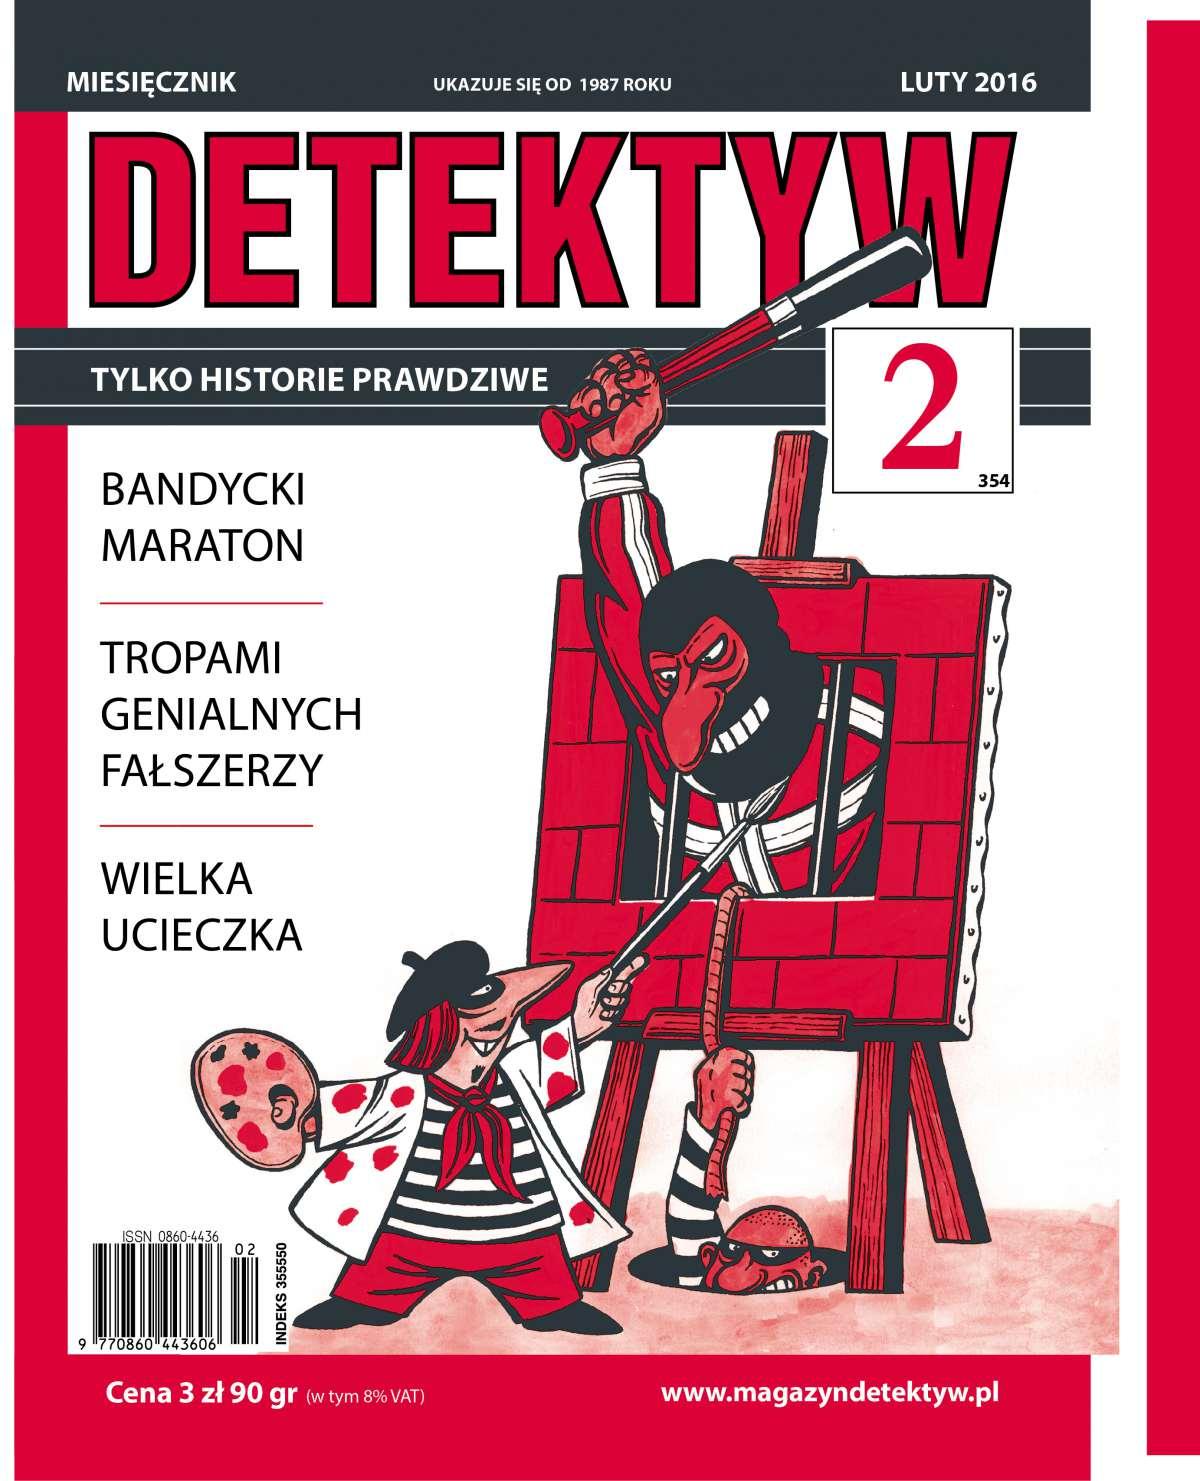 Detektyw 2/2016 - Ebook (Książka PDF) do pobrania w formacie PDF